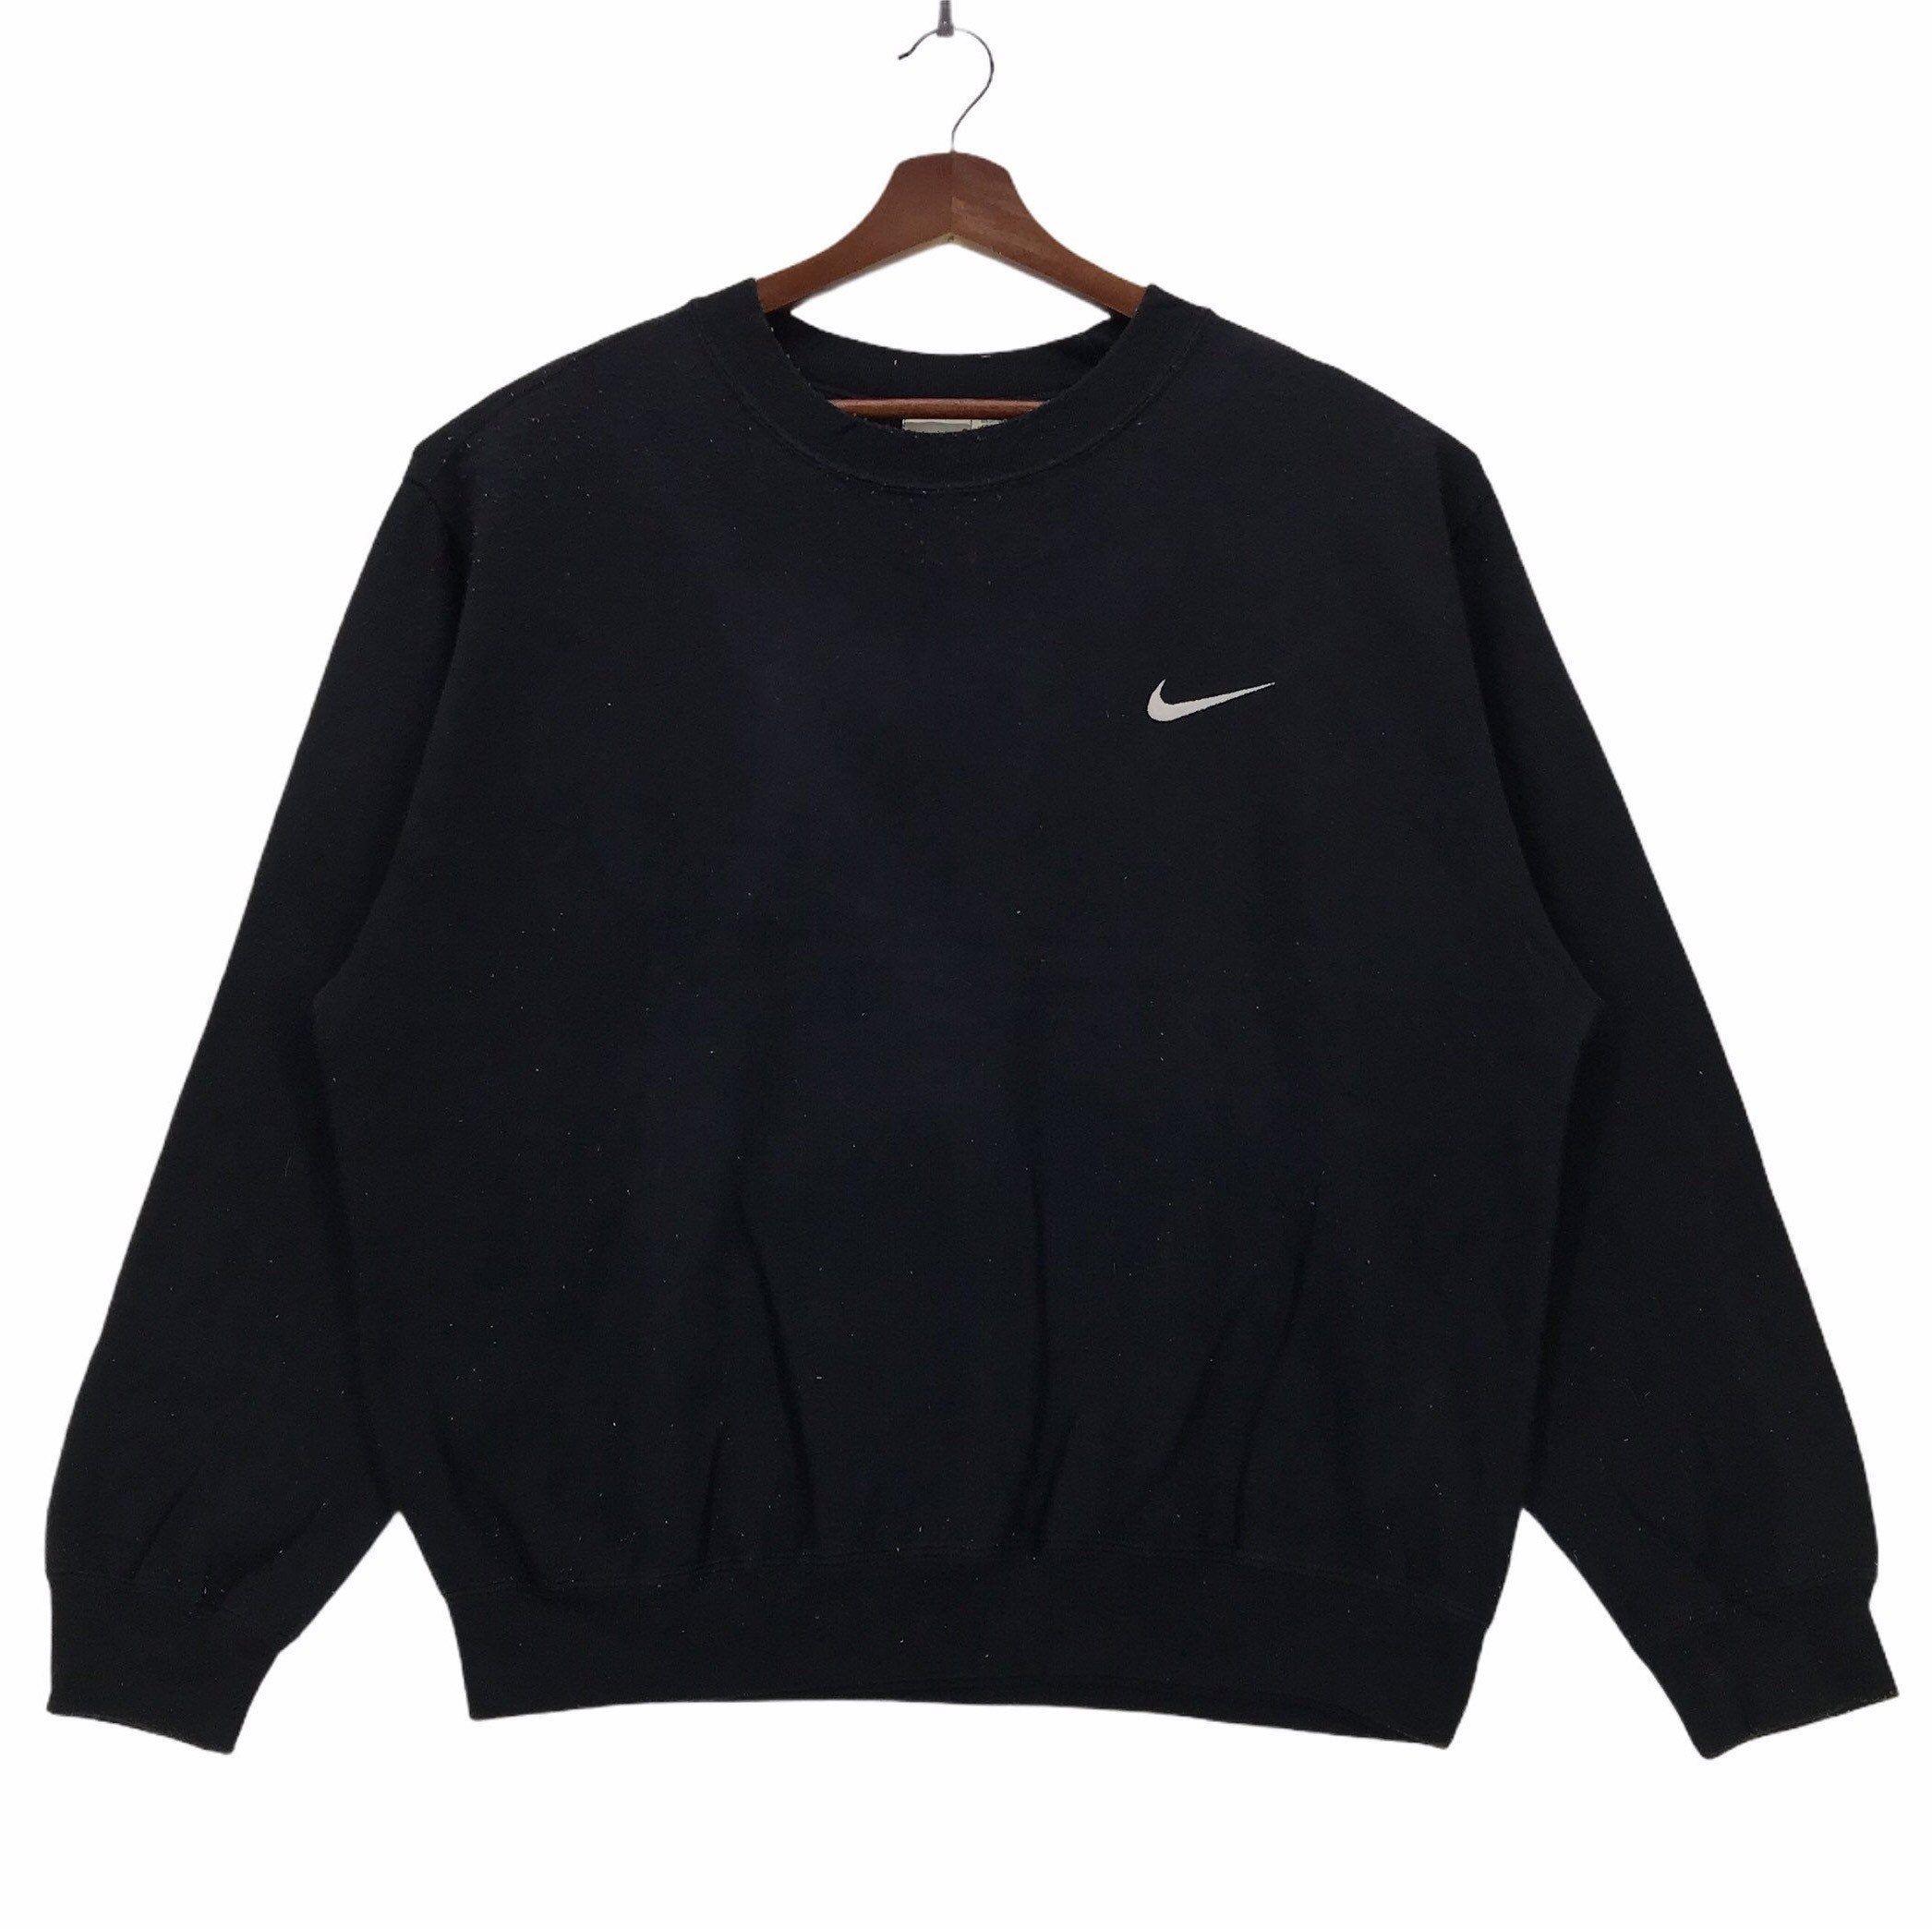 Vintage 90s Nike Crewneck Sweatshirt Embroidery Small Logo Etsy In 2021 Nike Crewneck Nike Crewneck Sweatshirt Sweatshirts [ 2089 x 2092 Pixel ]